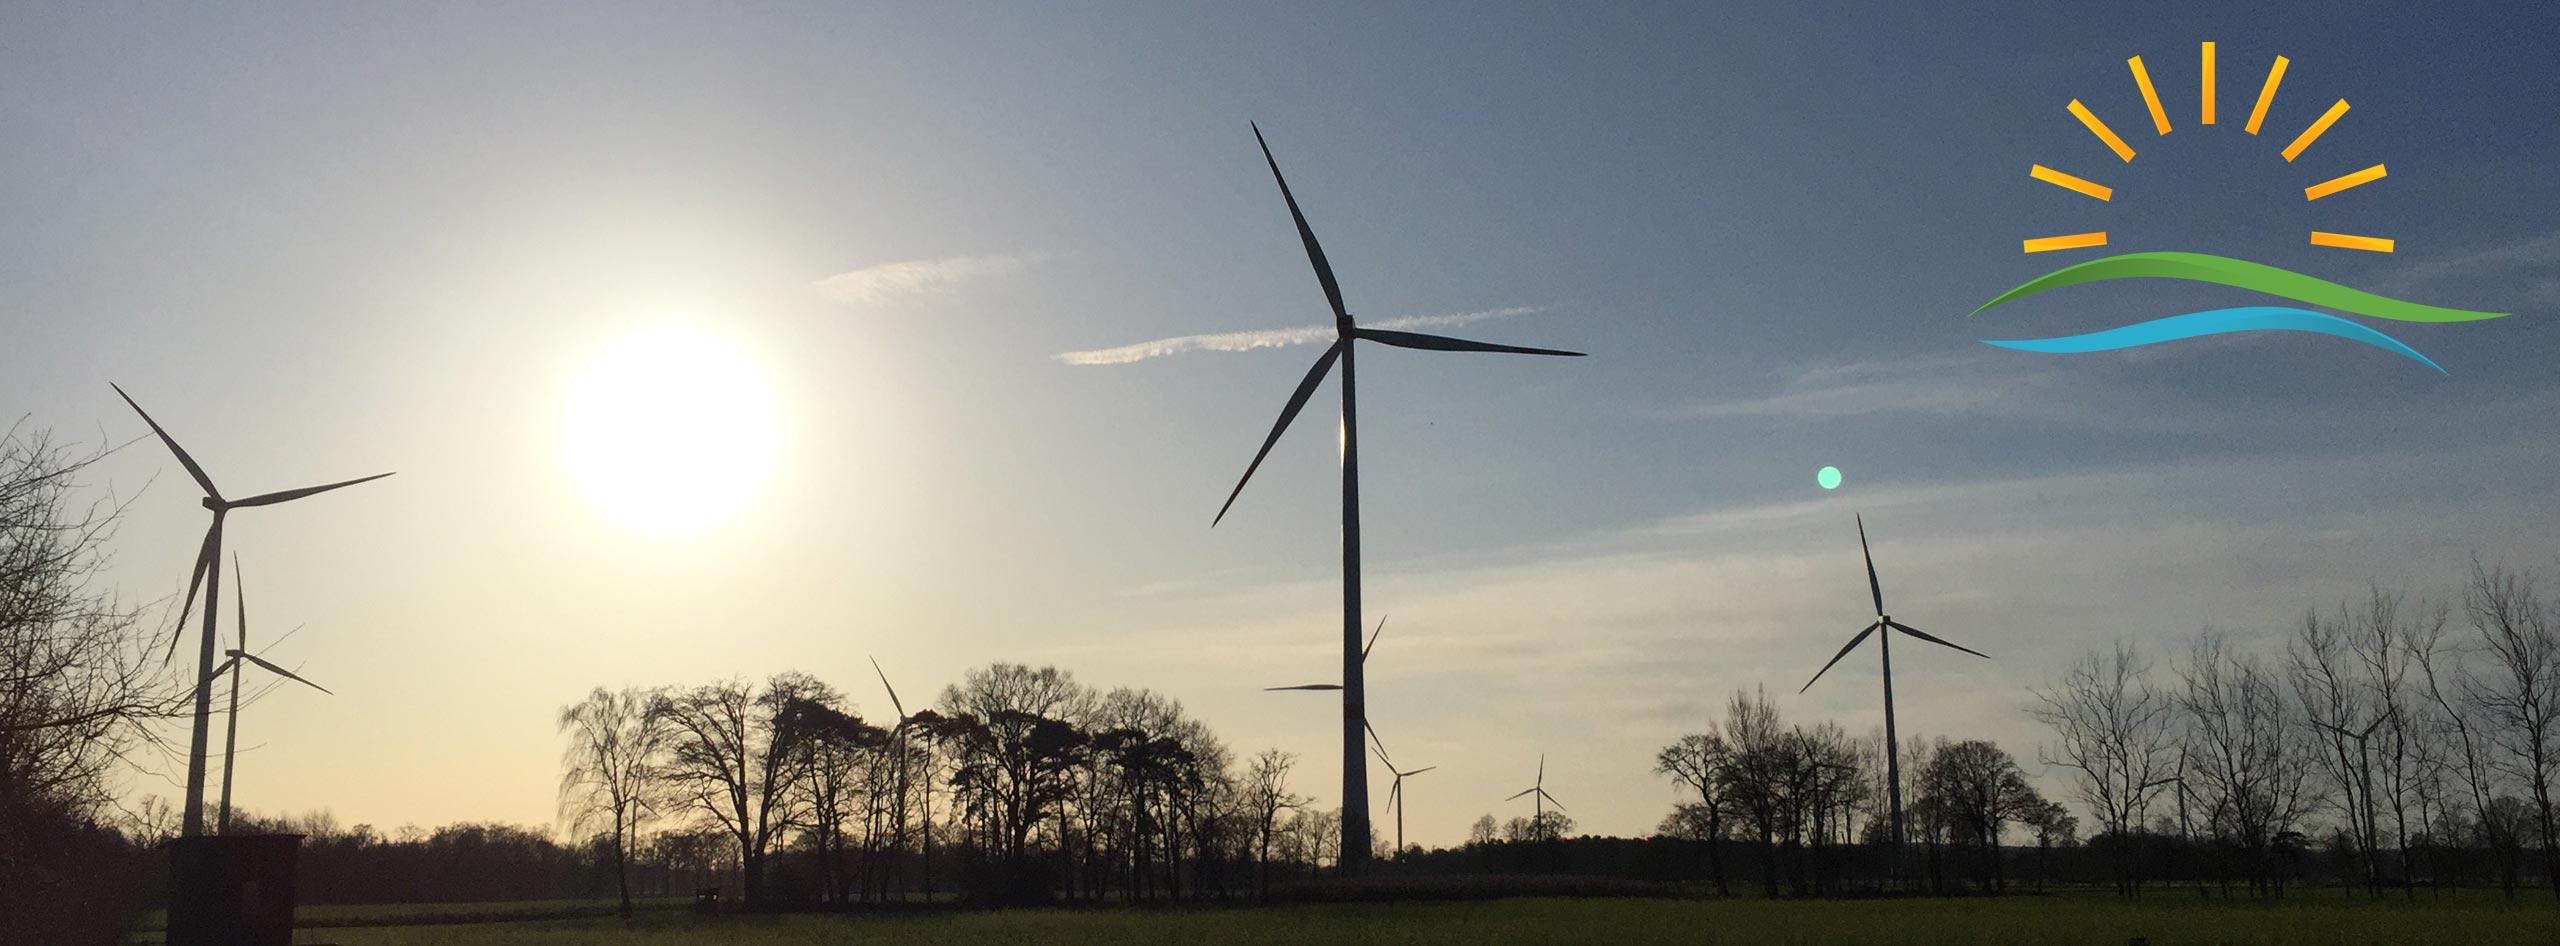 Energiewende Windkraft